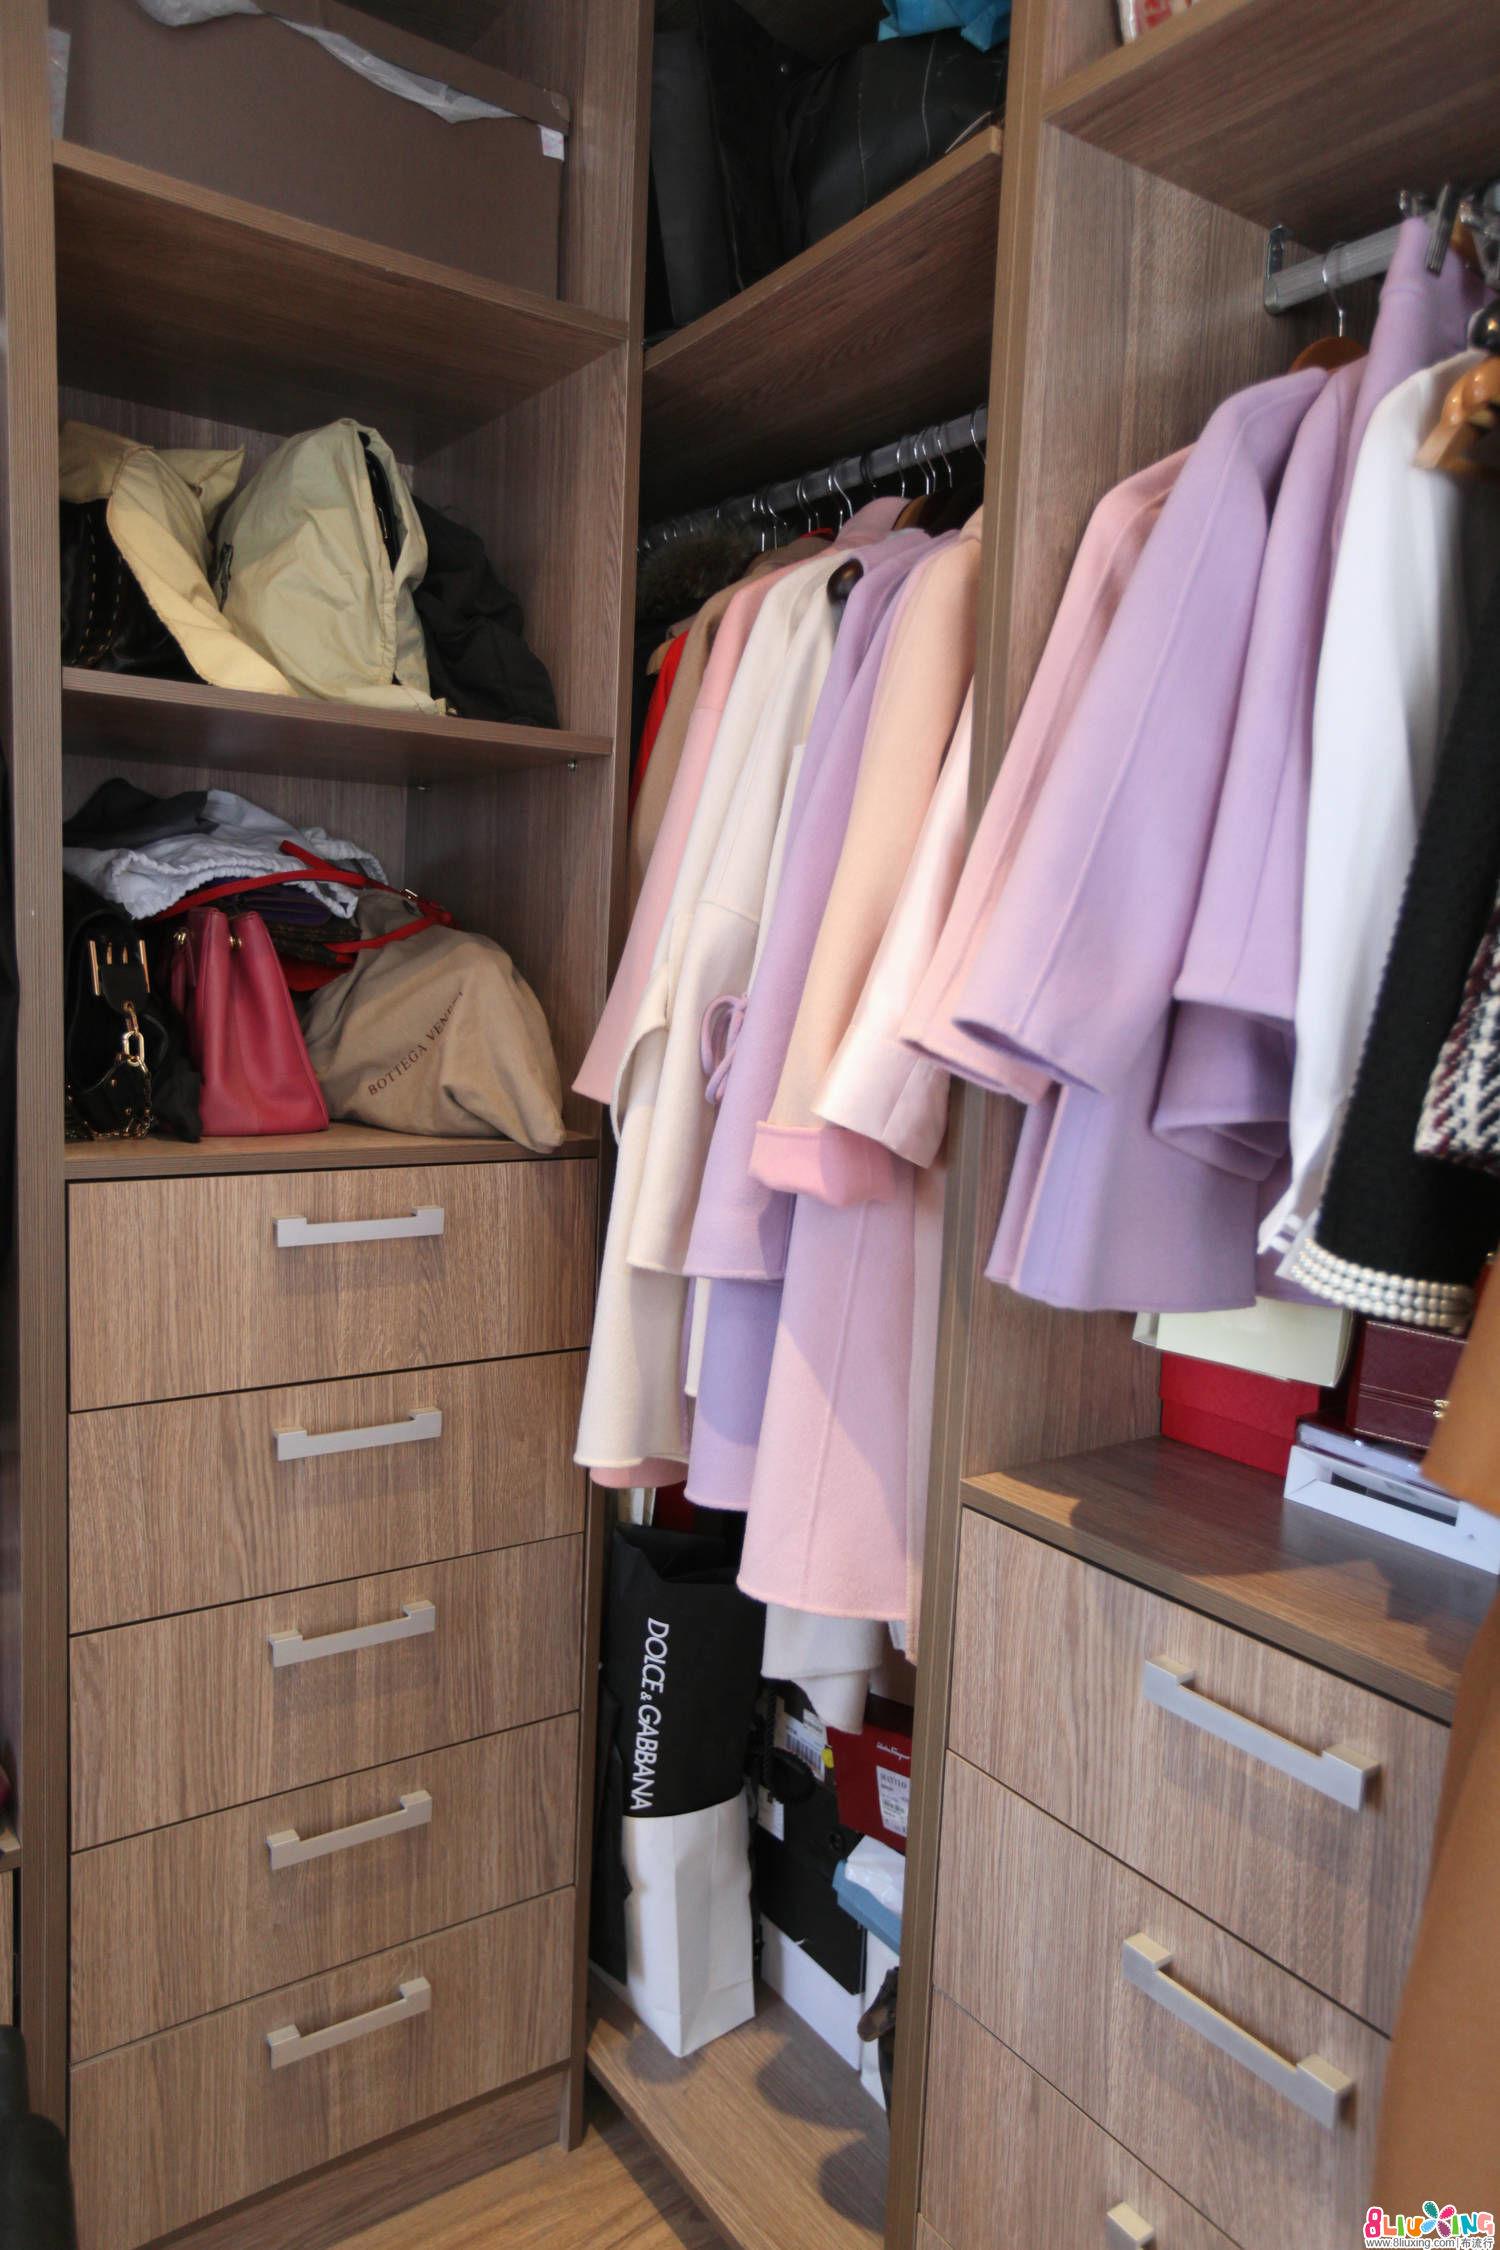 【Forider设计】15初秋大衣--粉紫系列(坑填了一半,先看热闹吧)